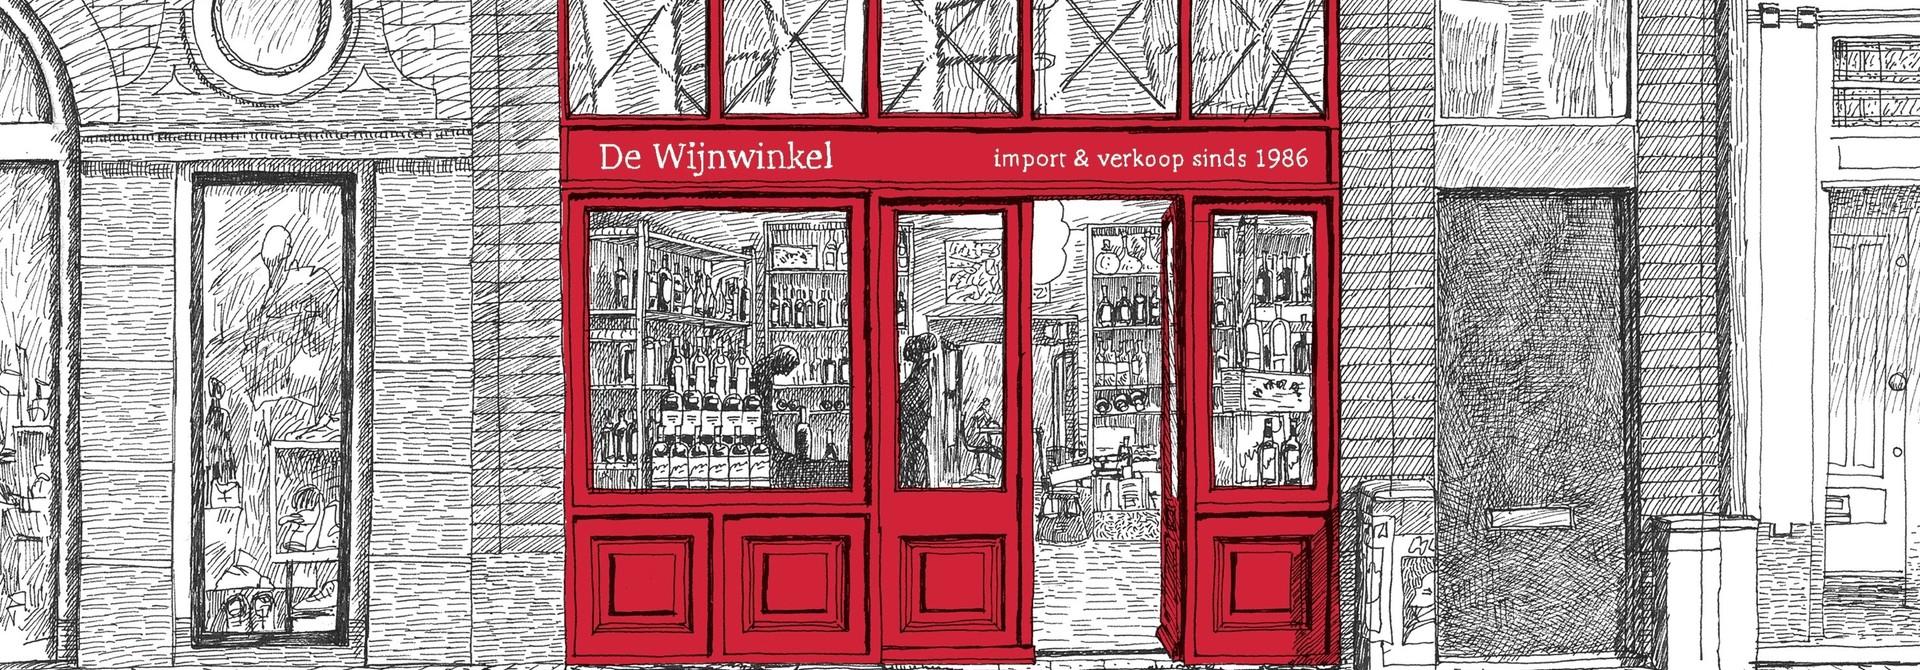 Werken bij De Wijnwinkel